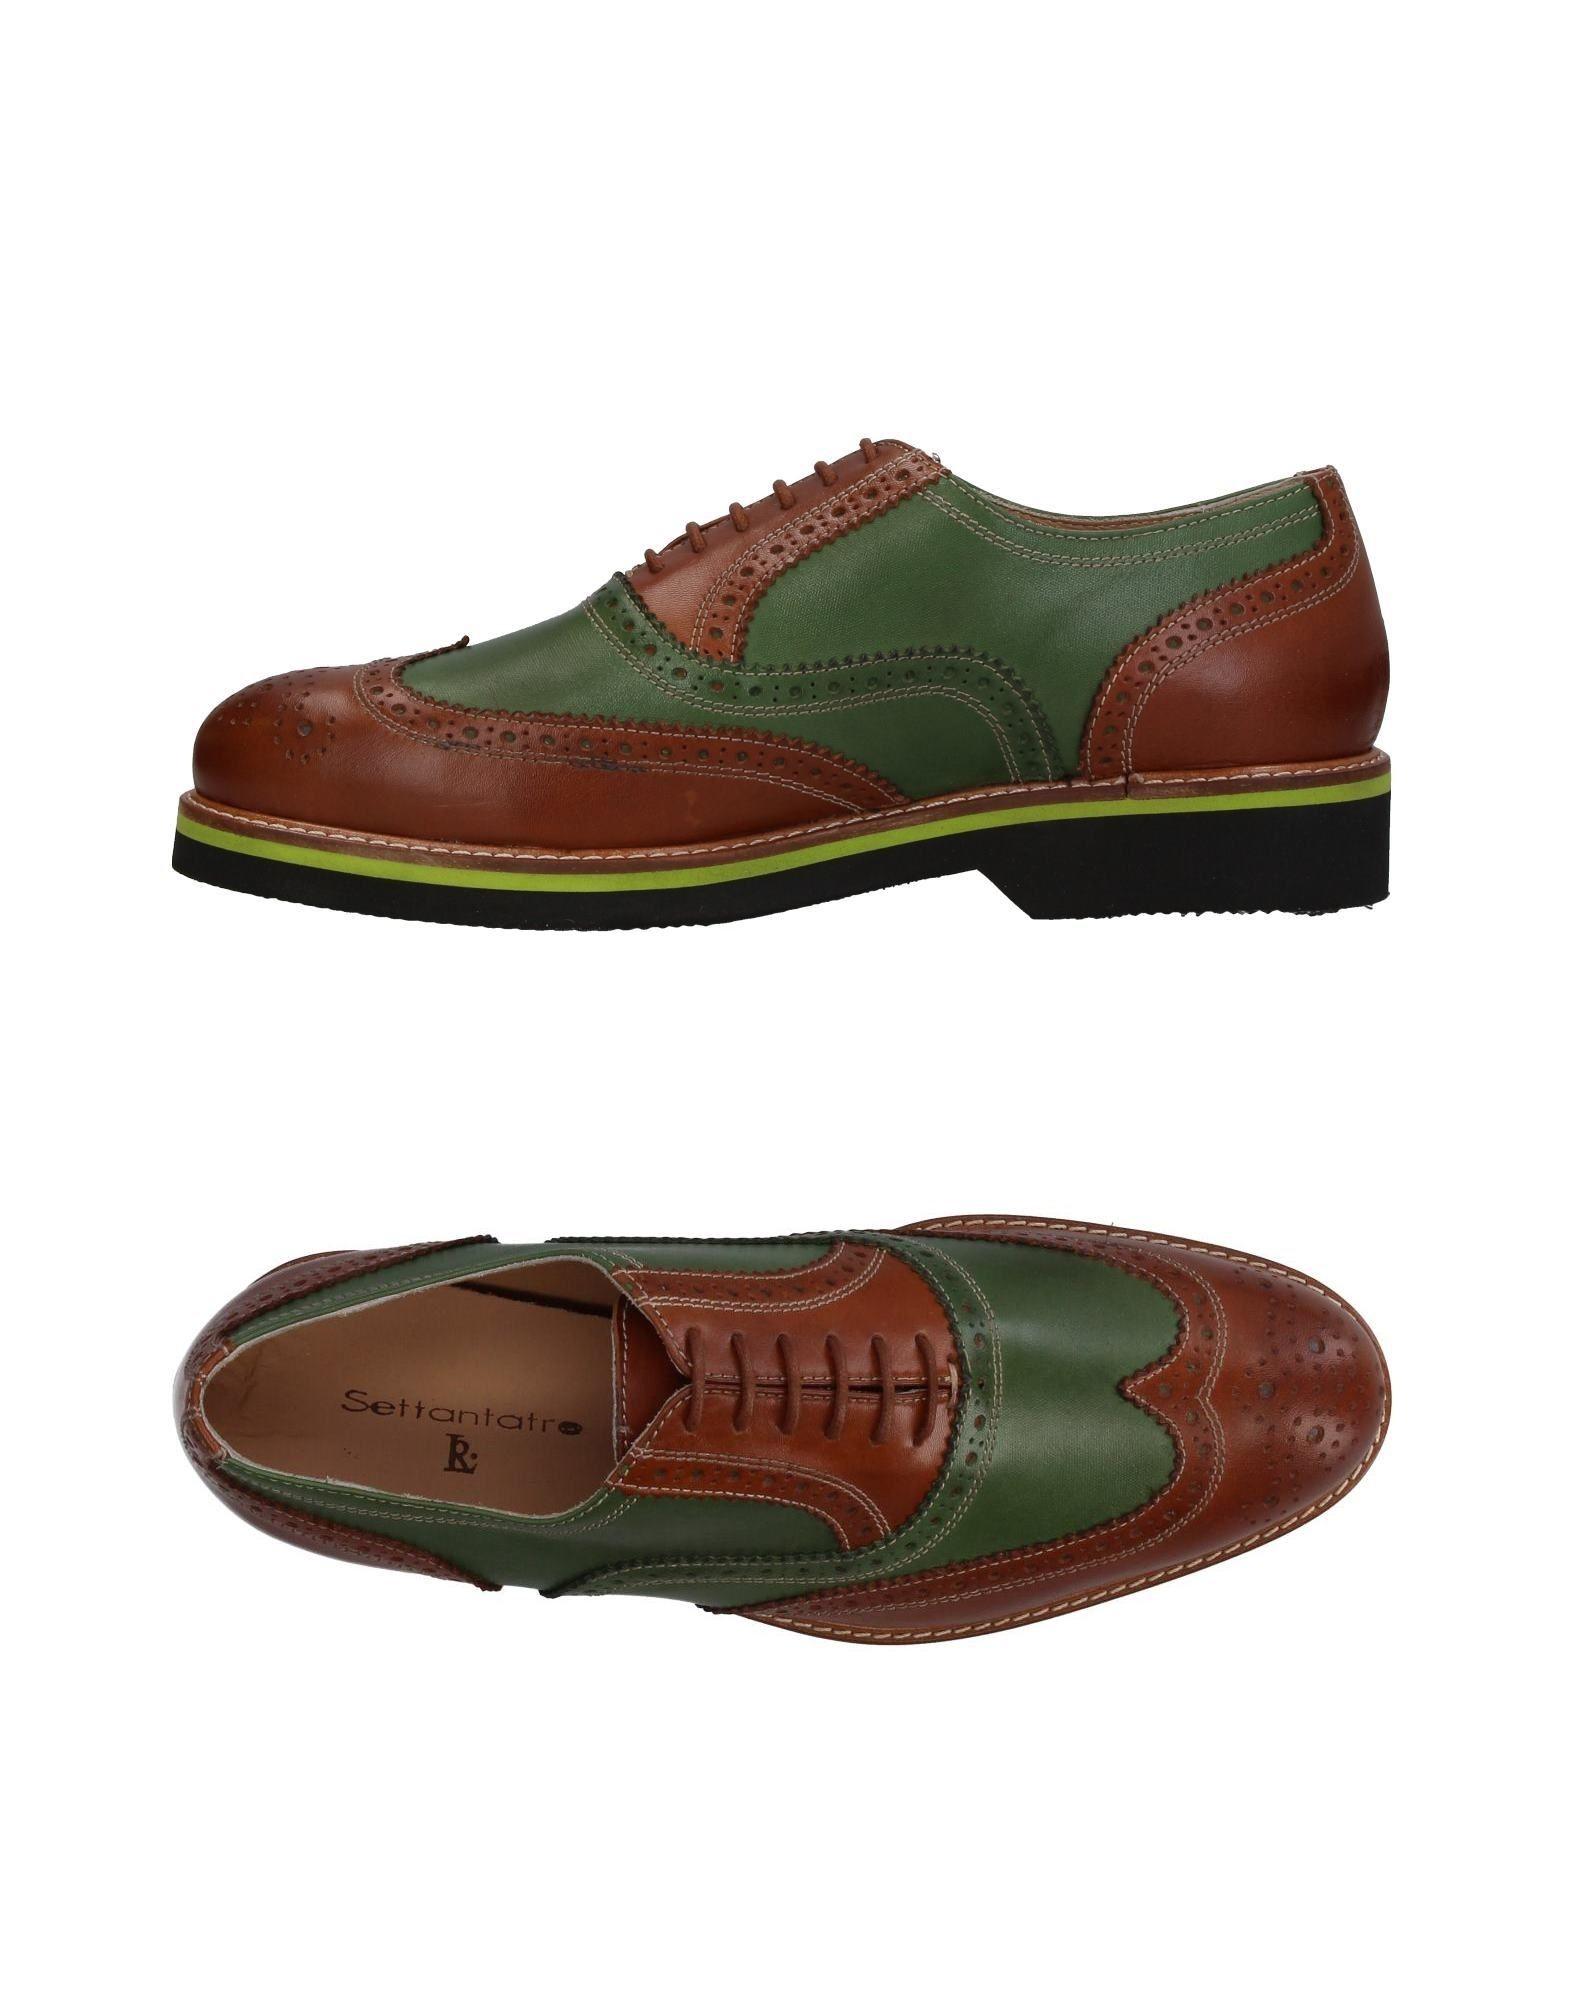 Settantatre Lr Schnürschuhe Herren  11417683GU Neue Schuhe